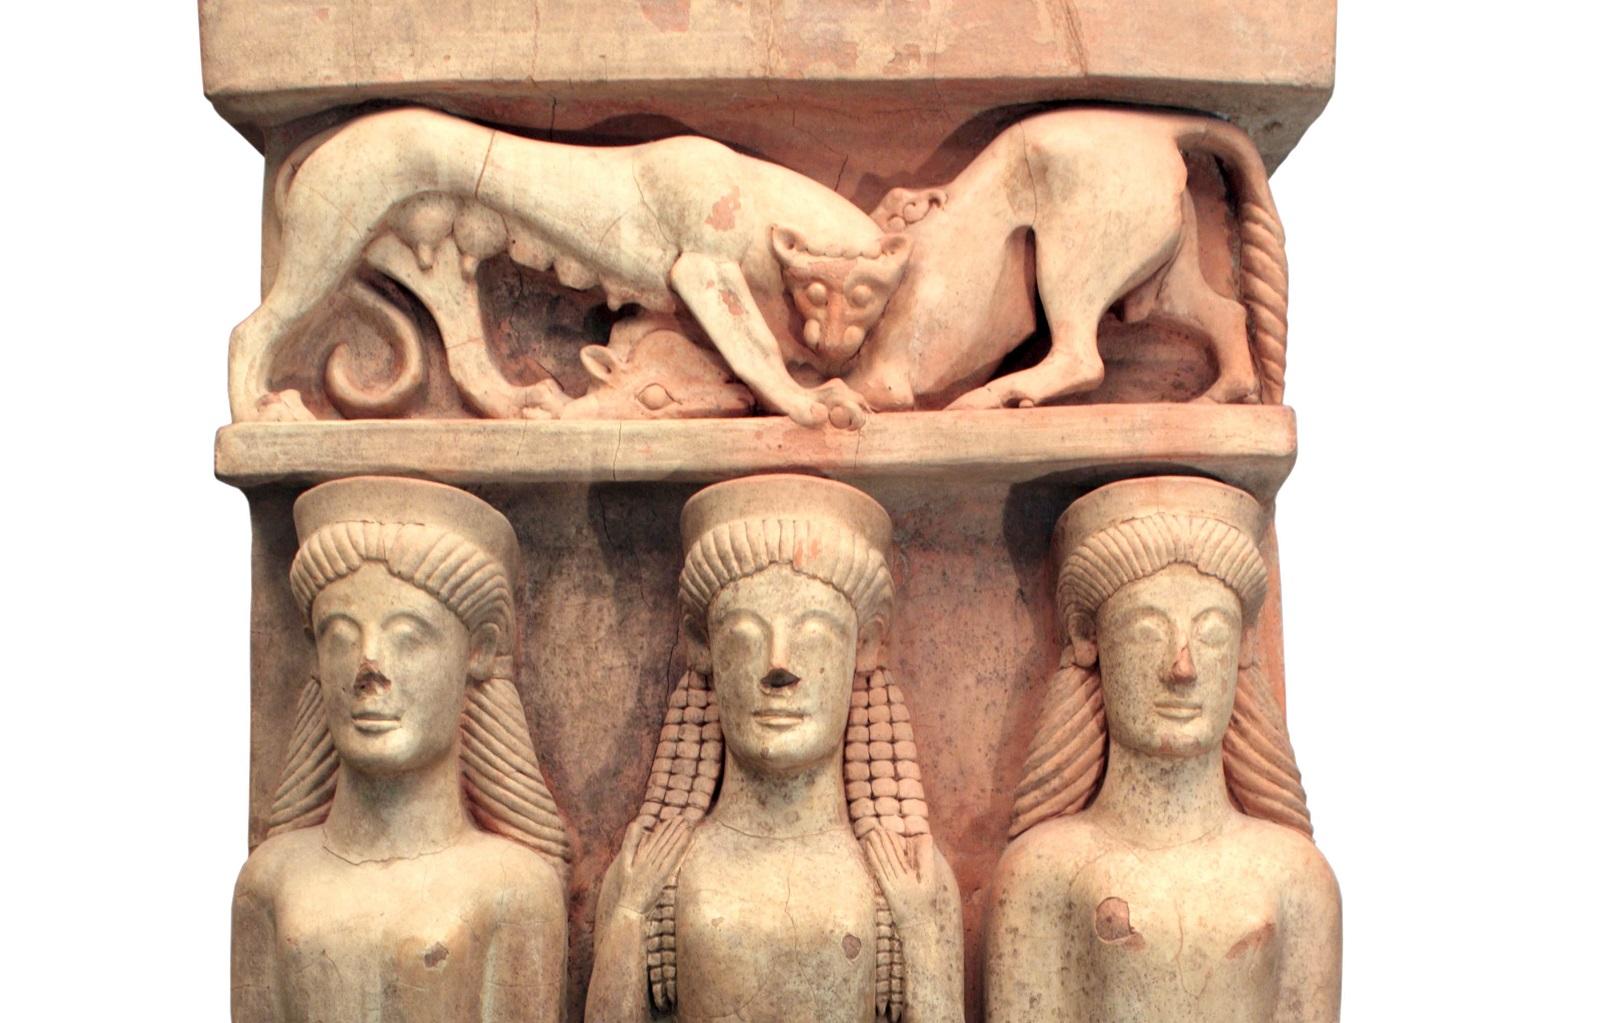 tentoonstelling Sicilië British Museum: Terracotta altaar met drie vrouwen en een panter die een stier verscheurt. Gela, Sicilië. C.500 BC. Museo Archeologico Regionale di Gela © Regione Siciliana